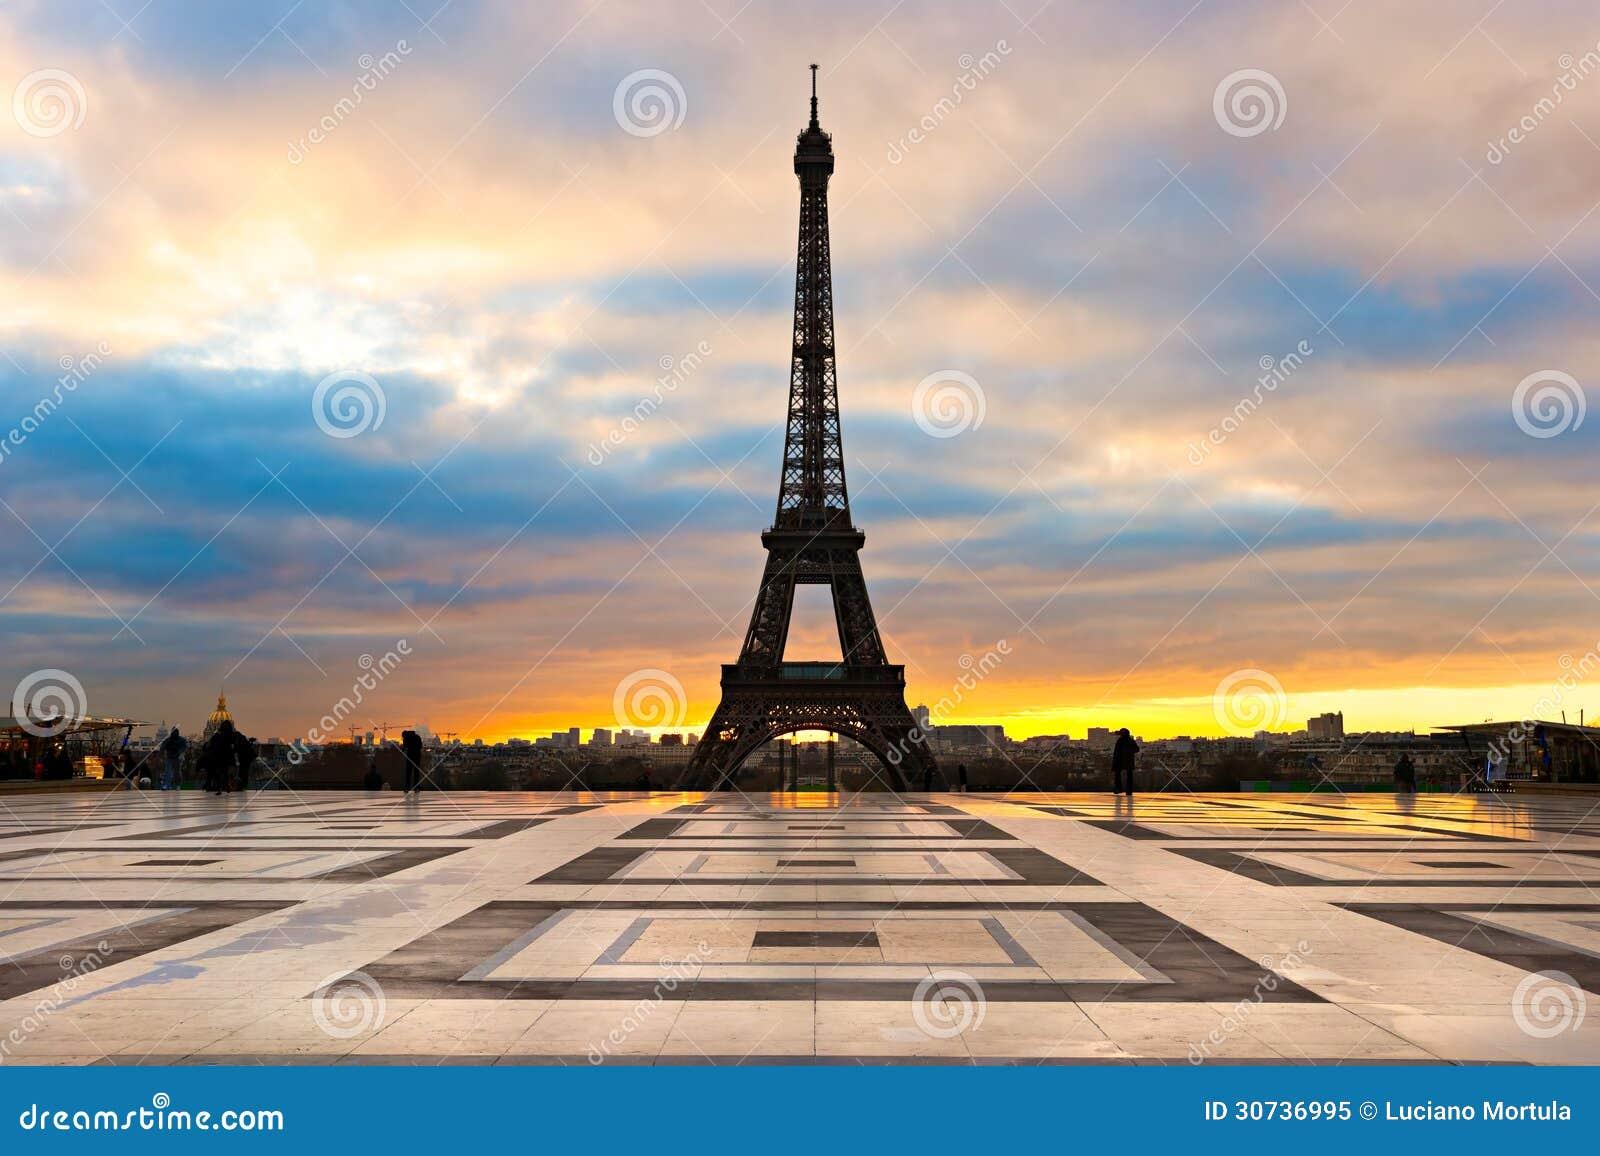 Tour eiffel au lever de soleil paris photo libre de droits image 30736995 - Lever et coucher du soleil paris ...